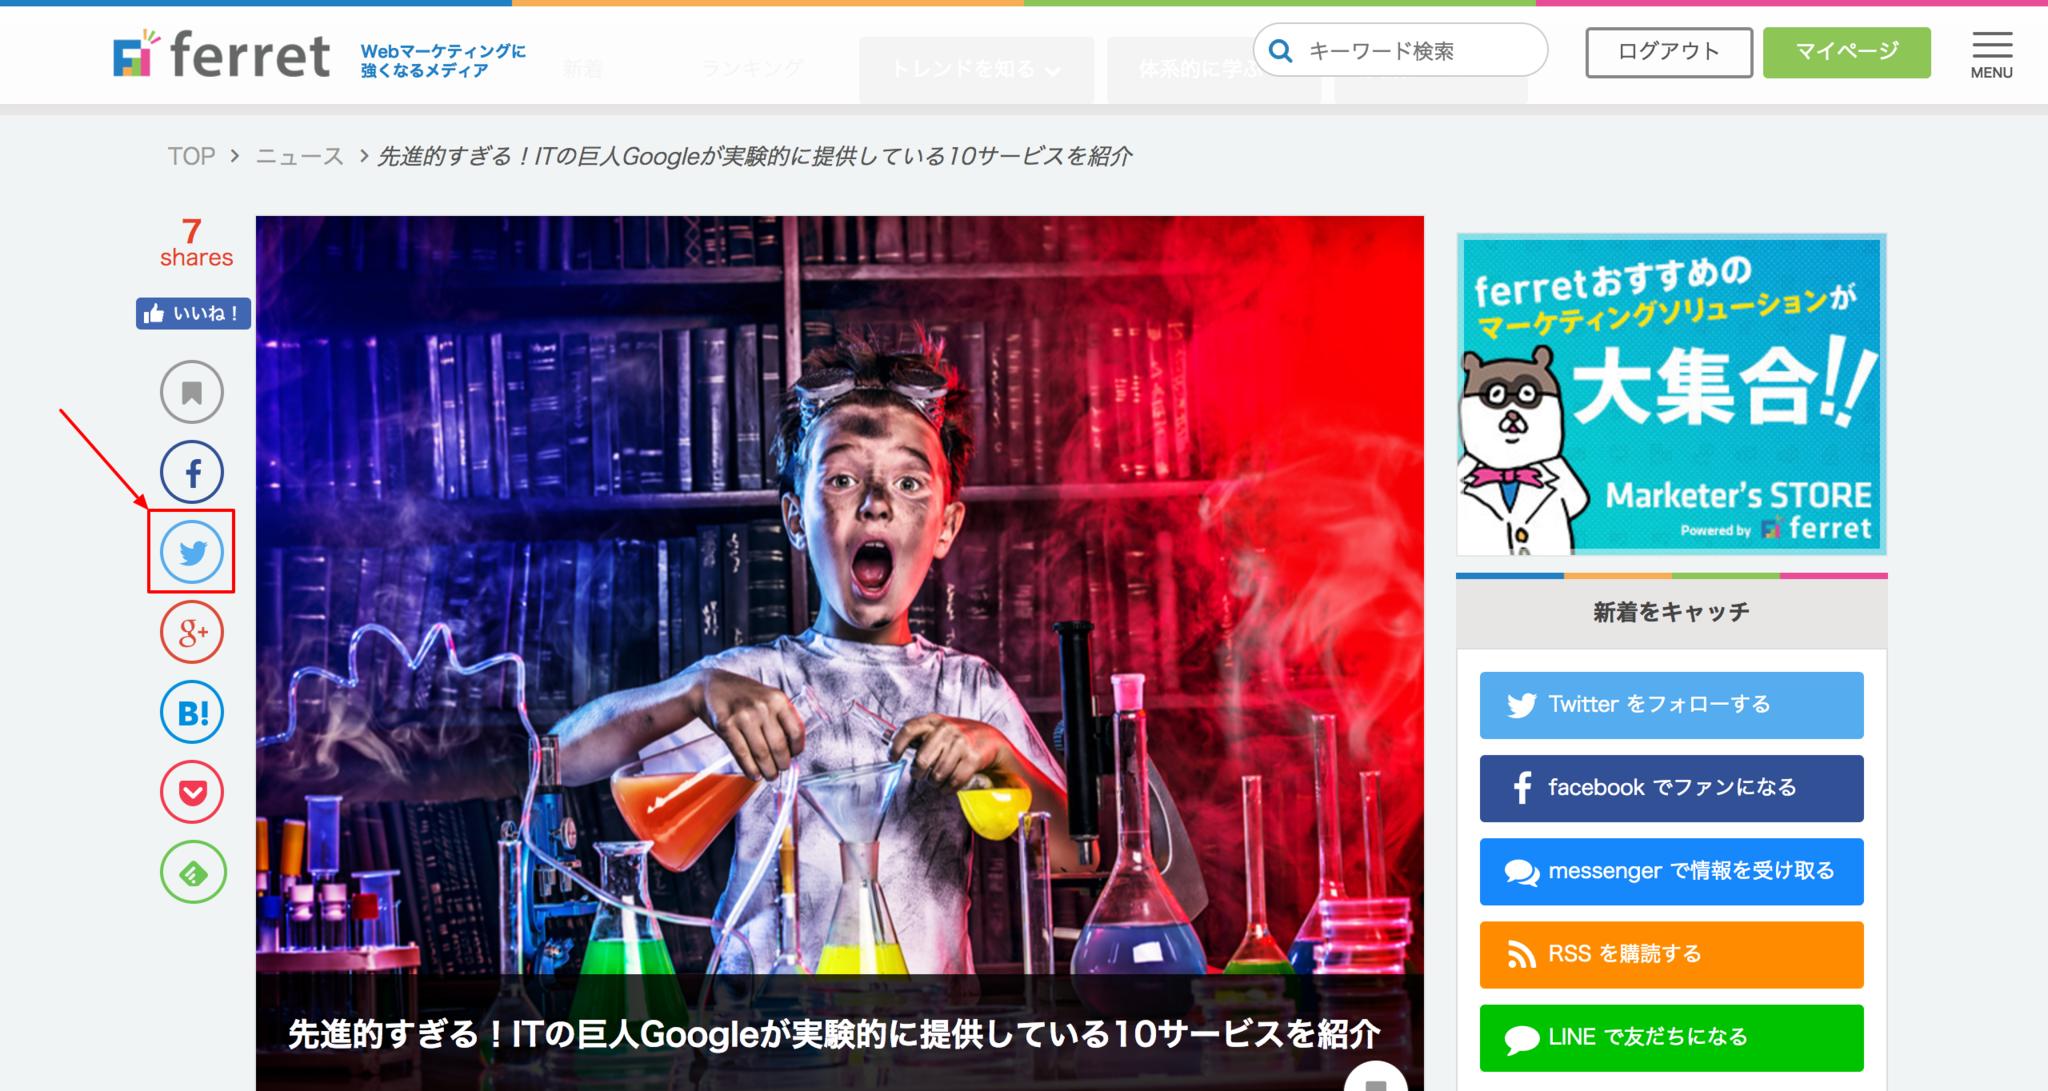 先進的すぎる!ITの巨人Googleが実験的に提供している10サービスを紹介|ferret__フェレット__(2).png